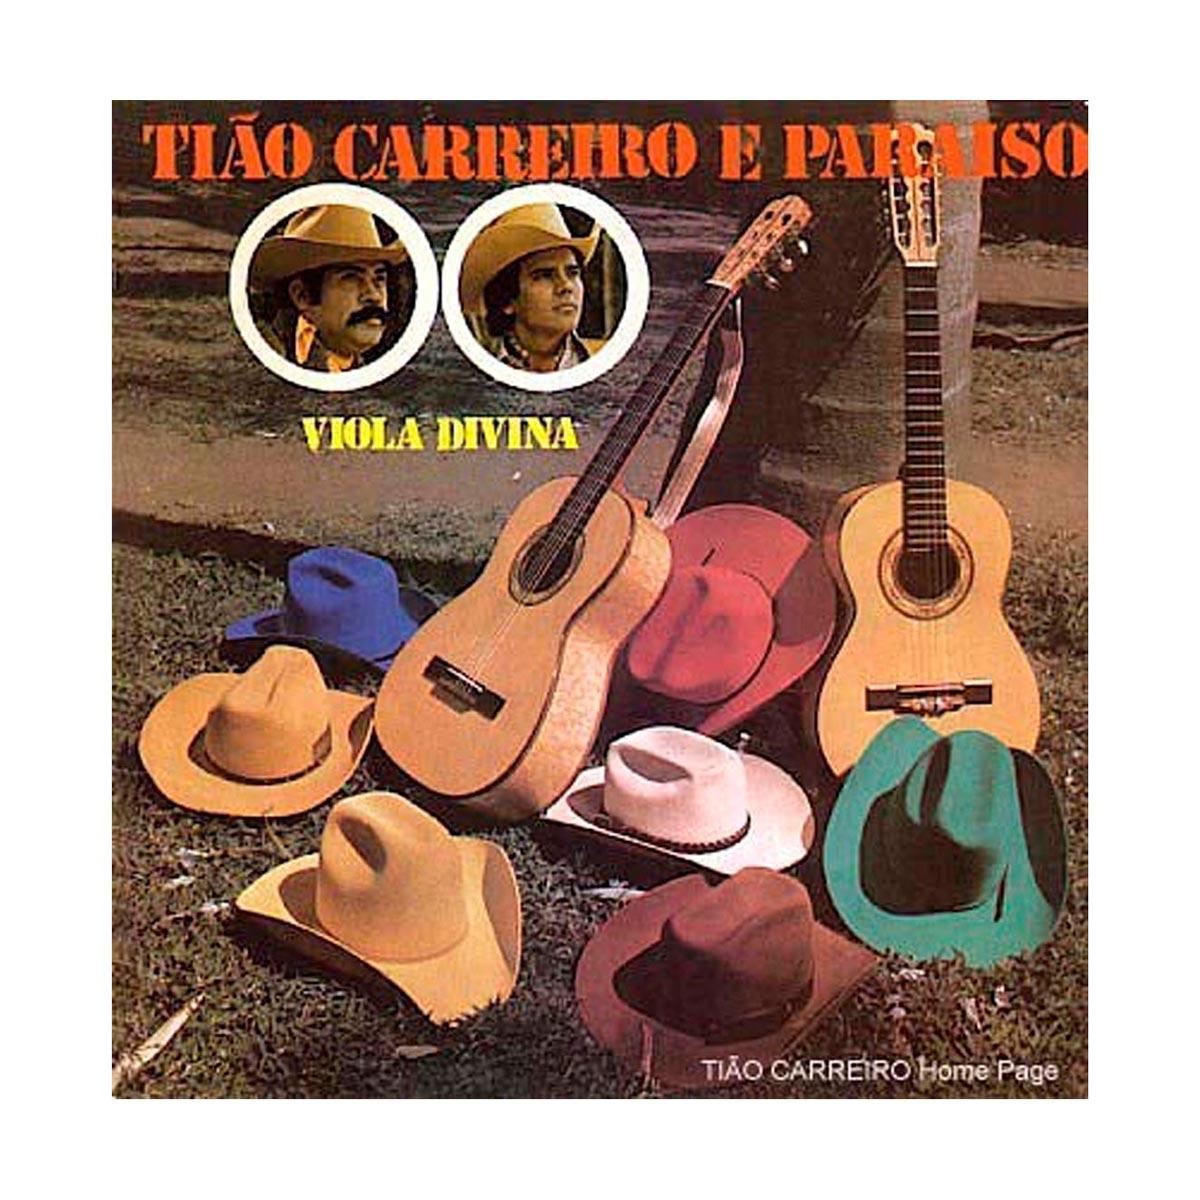 CD Tião Carreiro & Paraíso Viola Divina